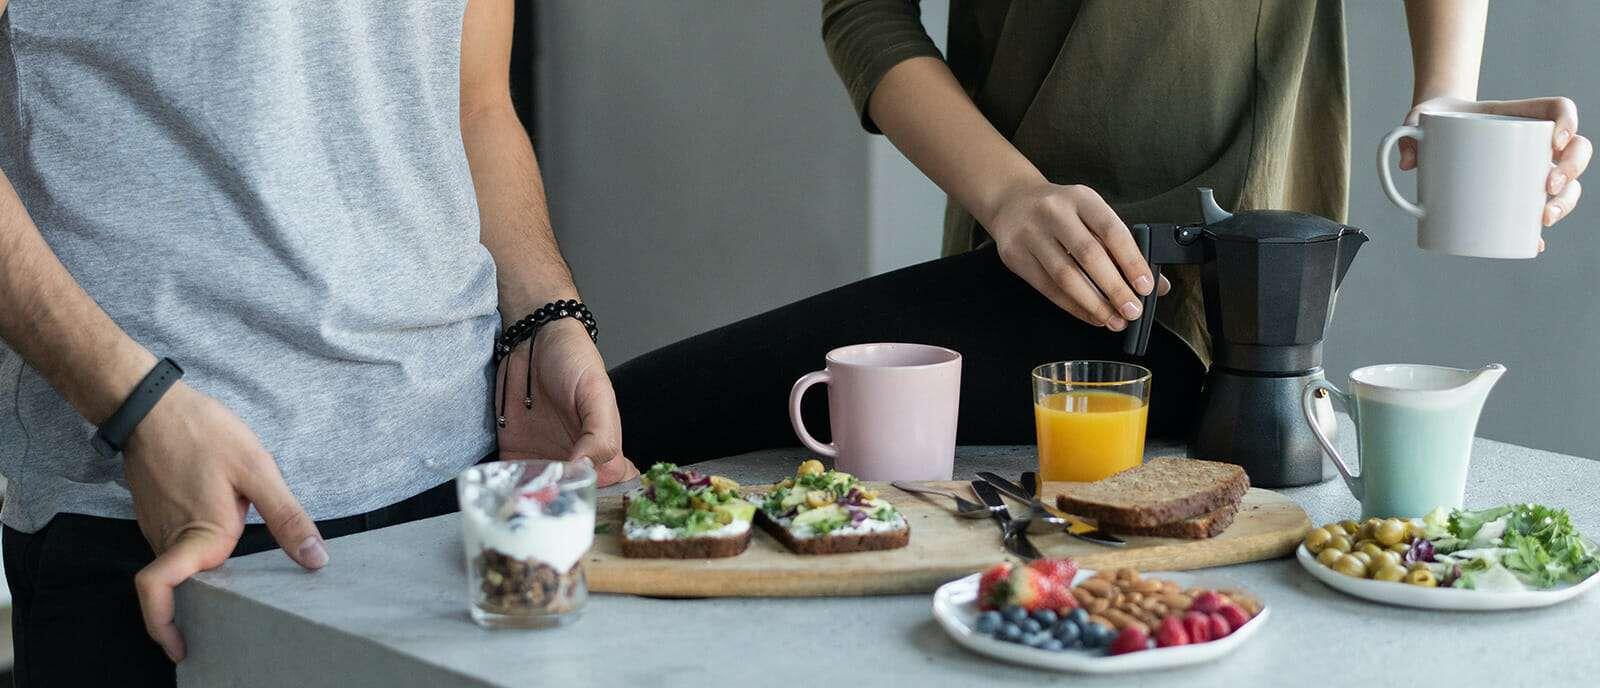 5 virhettä FODMAP-ruokavalion noudattamisessa